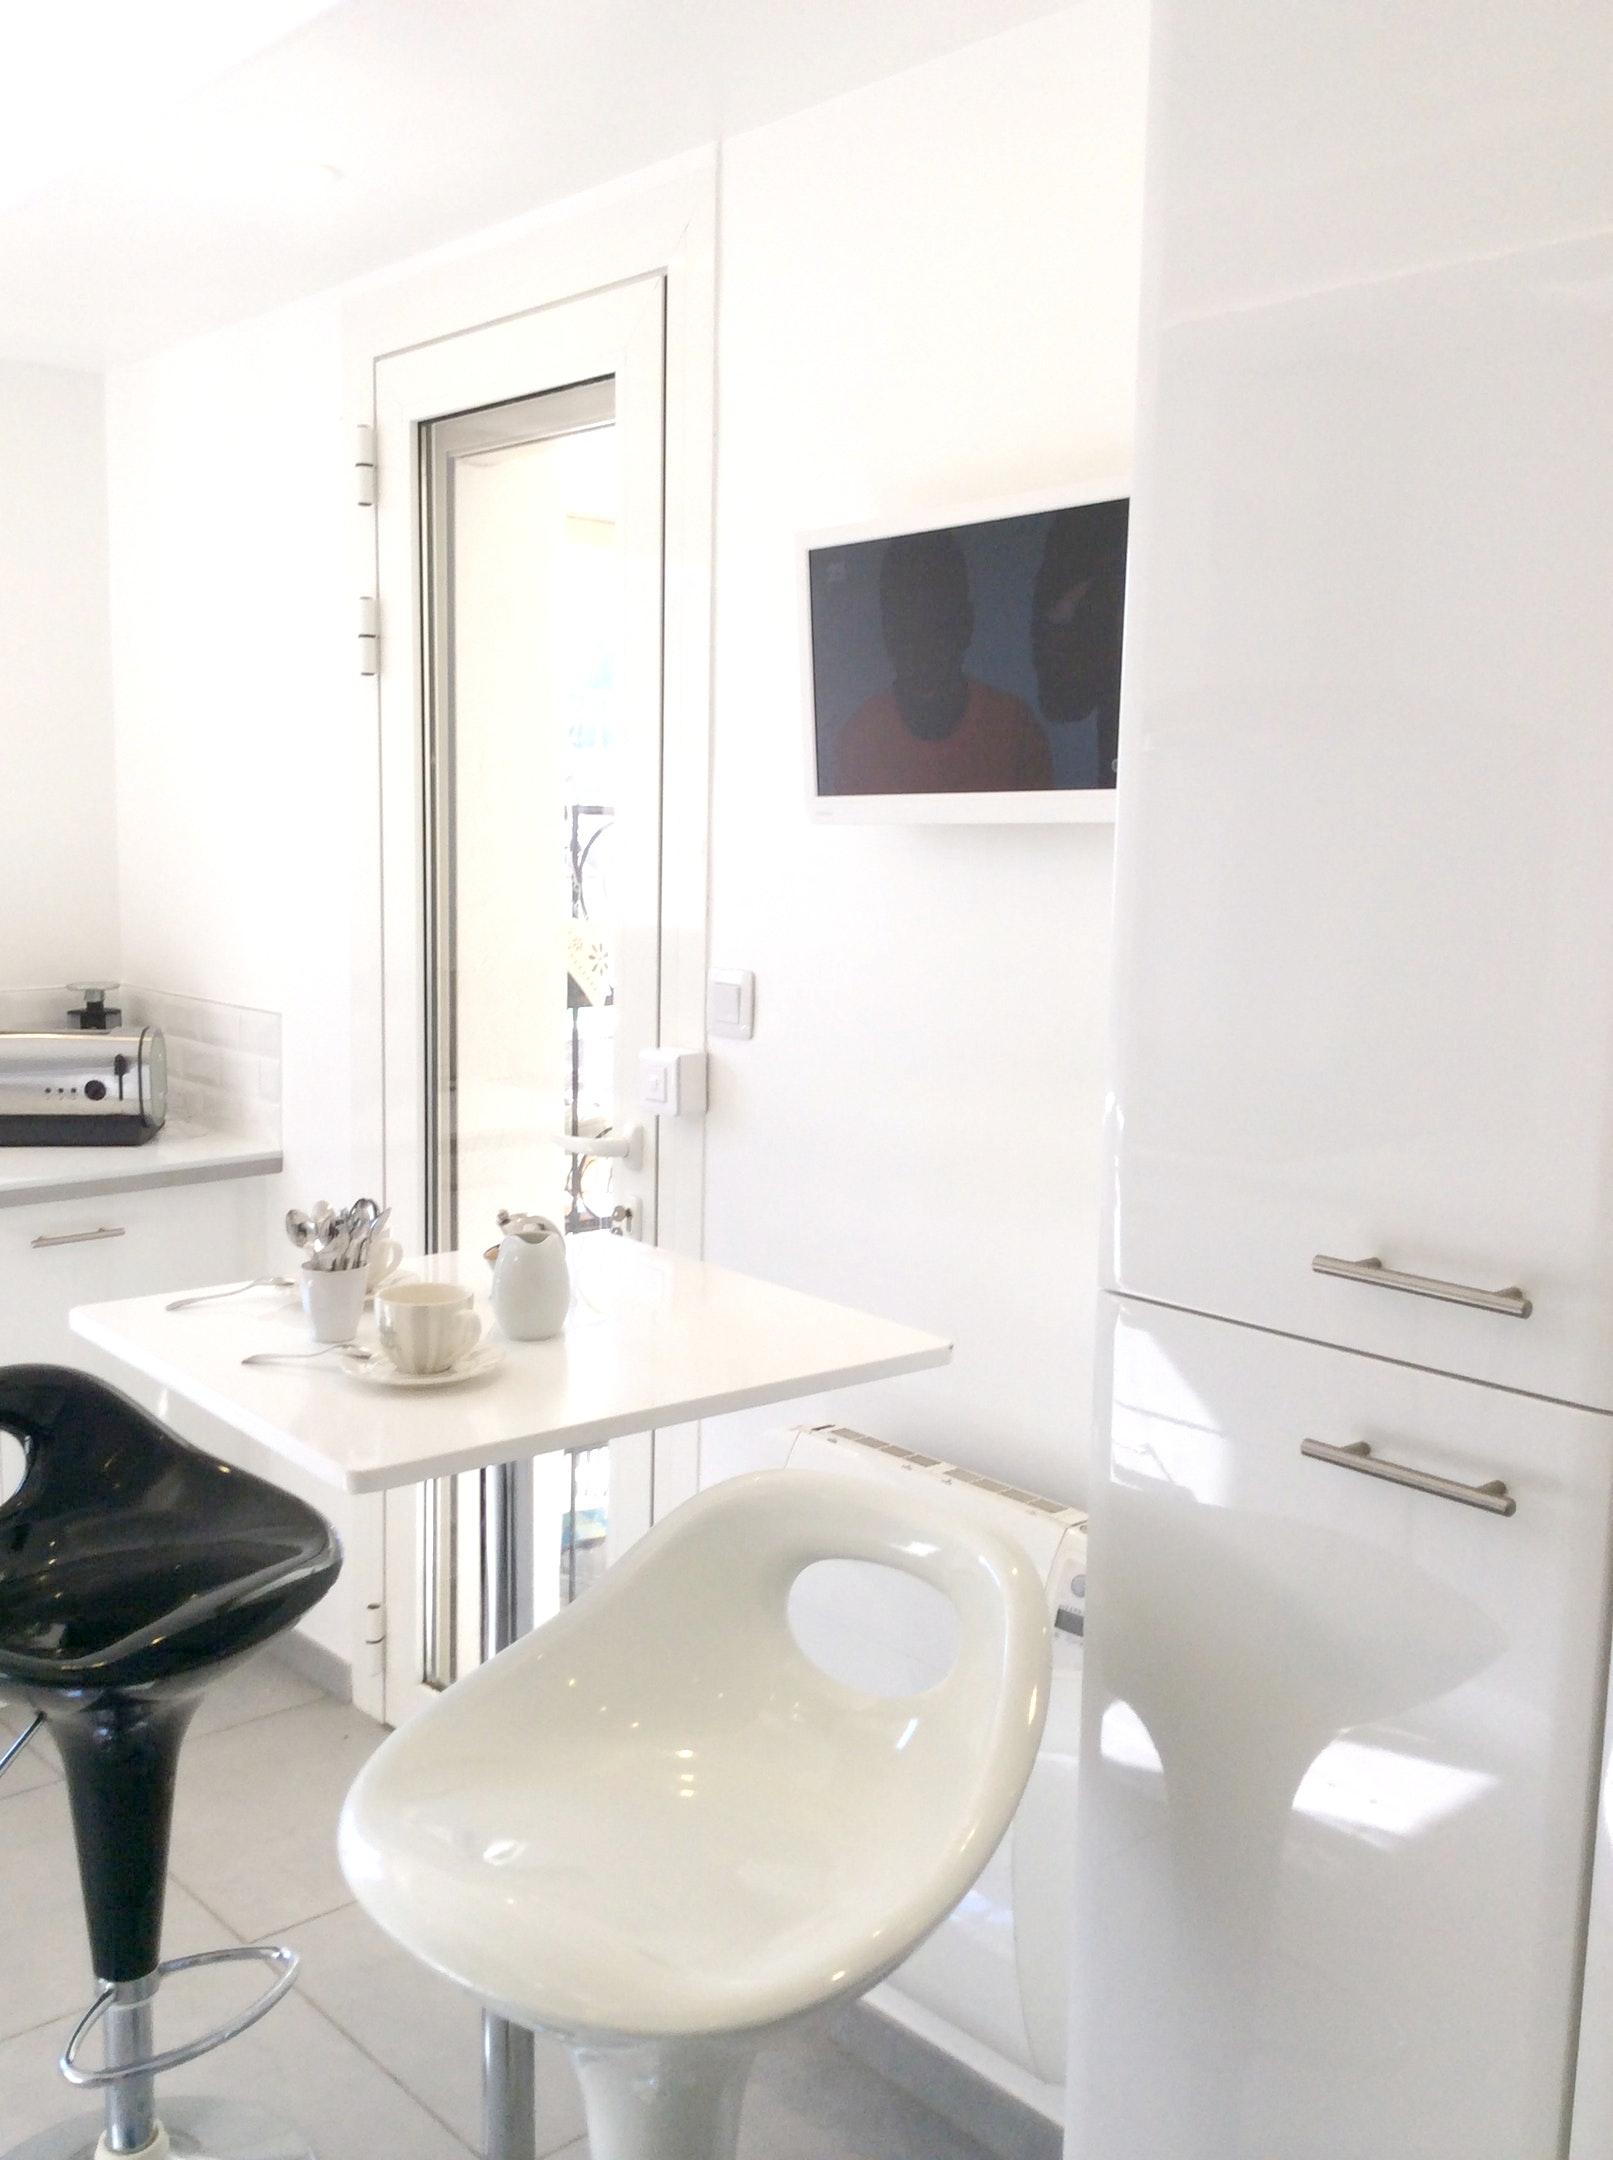 Maison de vacances Villa mit 3 Schlafzimmern in L'Isle-sur-la-Sorgue mit privatem Pool, möblierter Terrasse u (2208394), L'Isle sur la Sorgue, Vaucluse, Provence - Alpes - Côte d'Azur, France, image 10